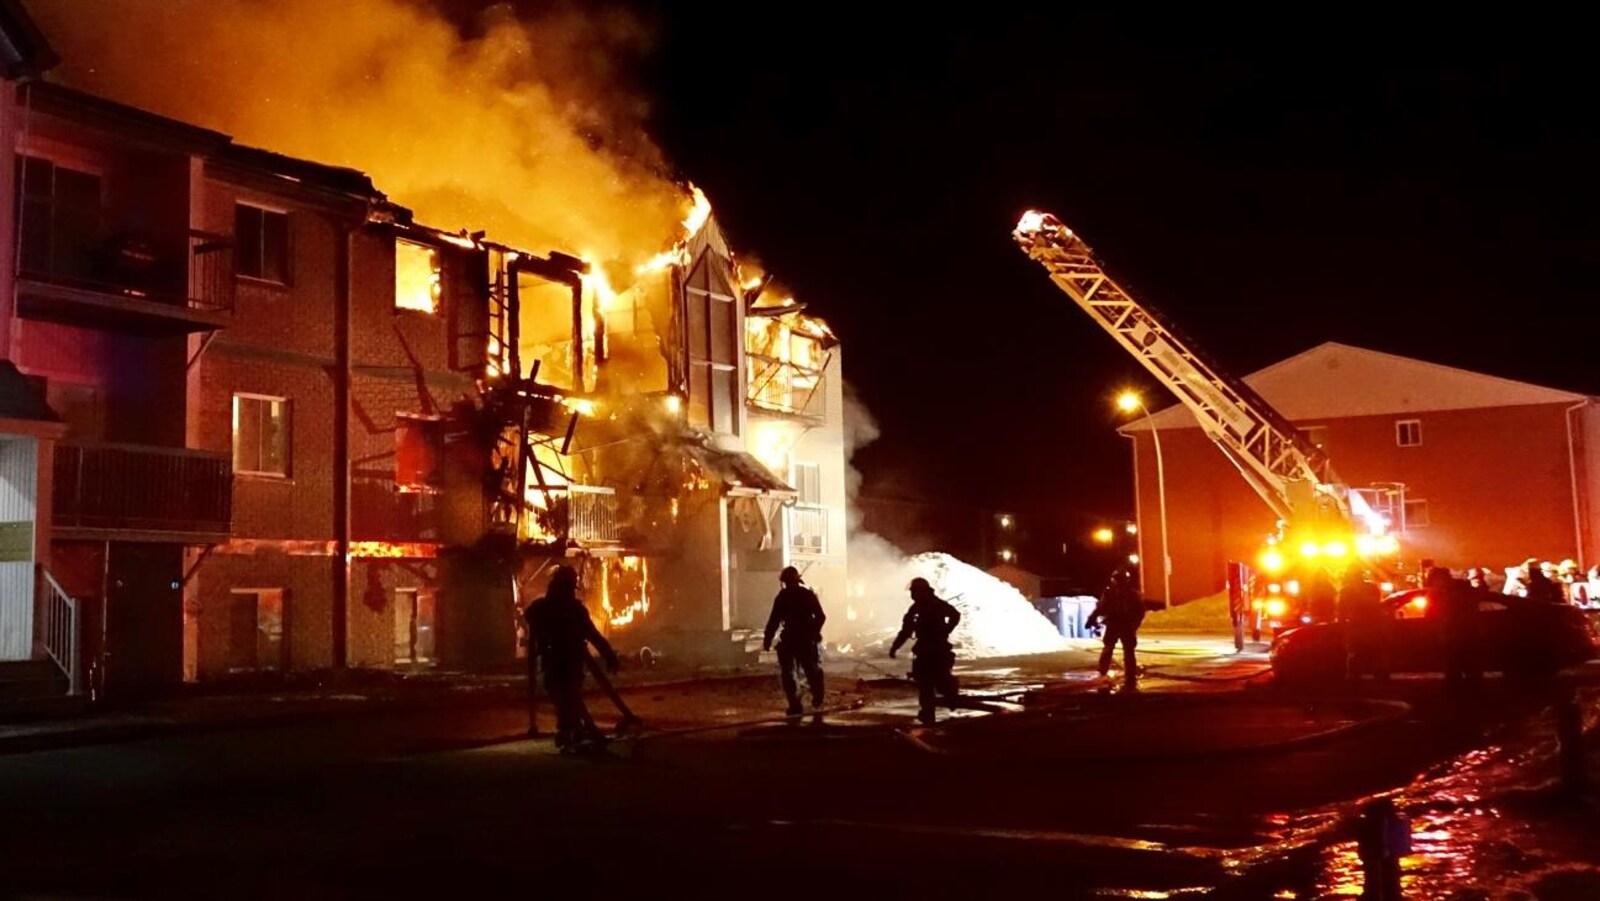 Des pompiers arrivent sur les lieux de l'incendie.